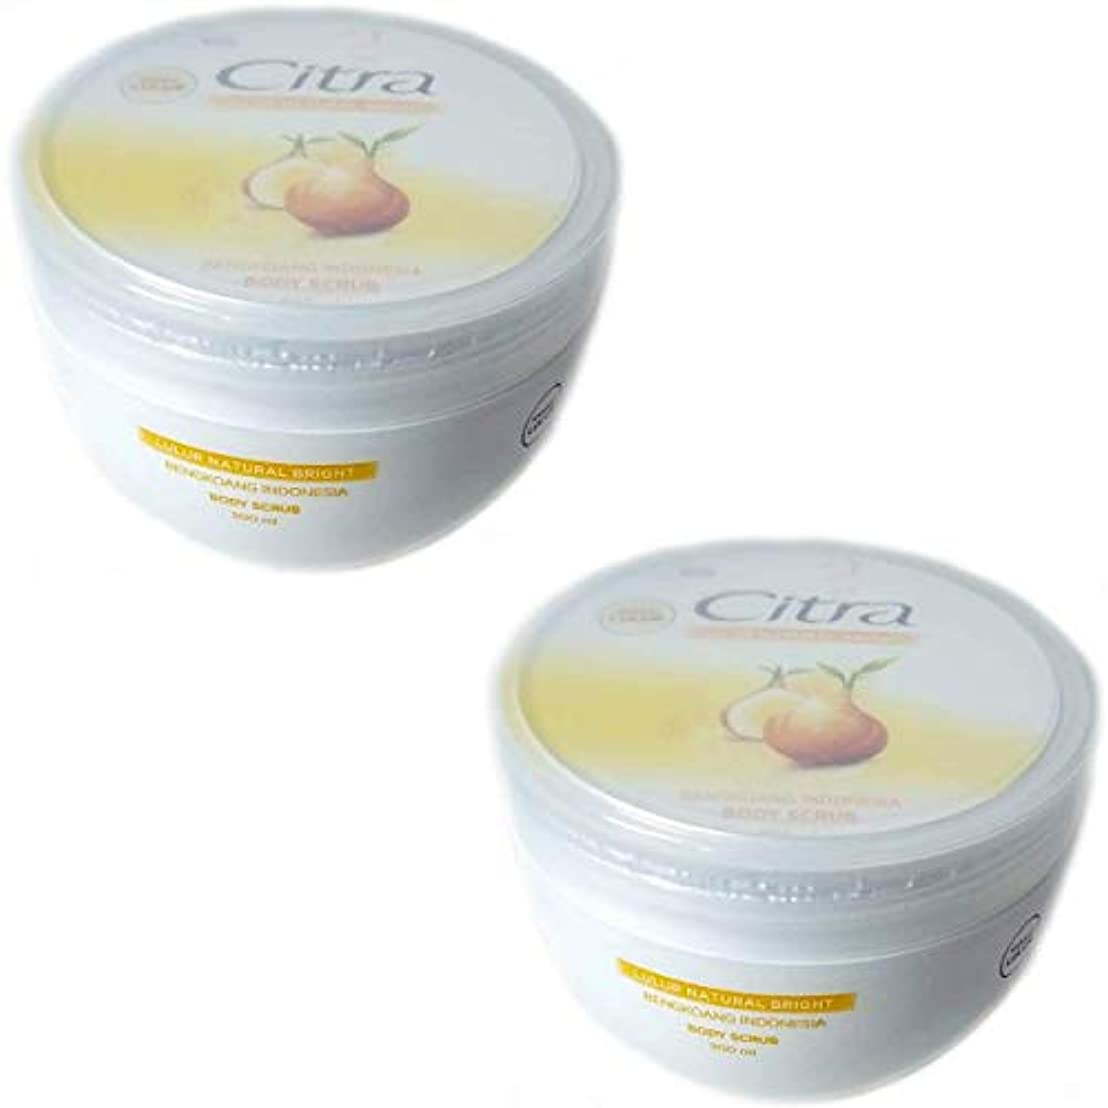 連帯ライター商標Citra チトラ ボディスクラブ Lulur Natural Bright ブンコアン 200ml × 2個セット [海外直送品]